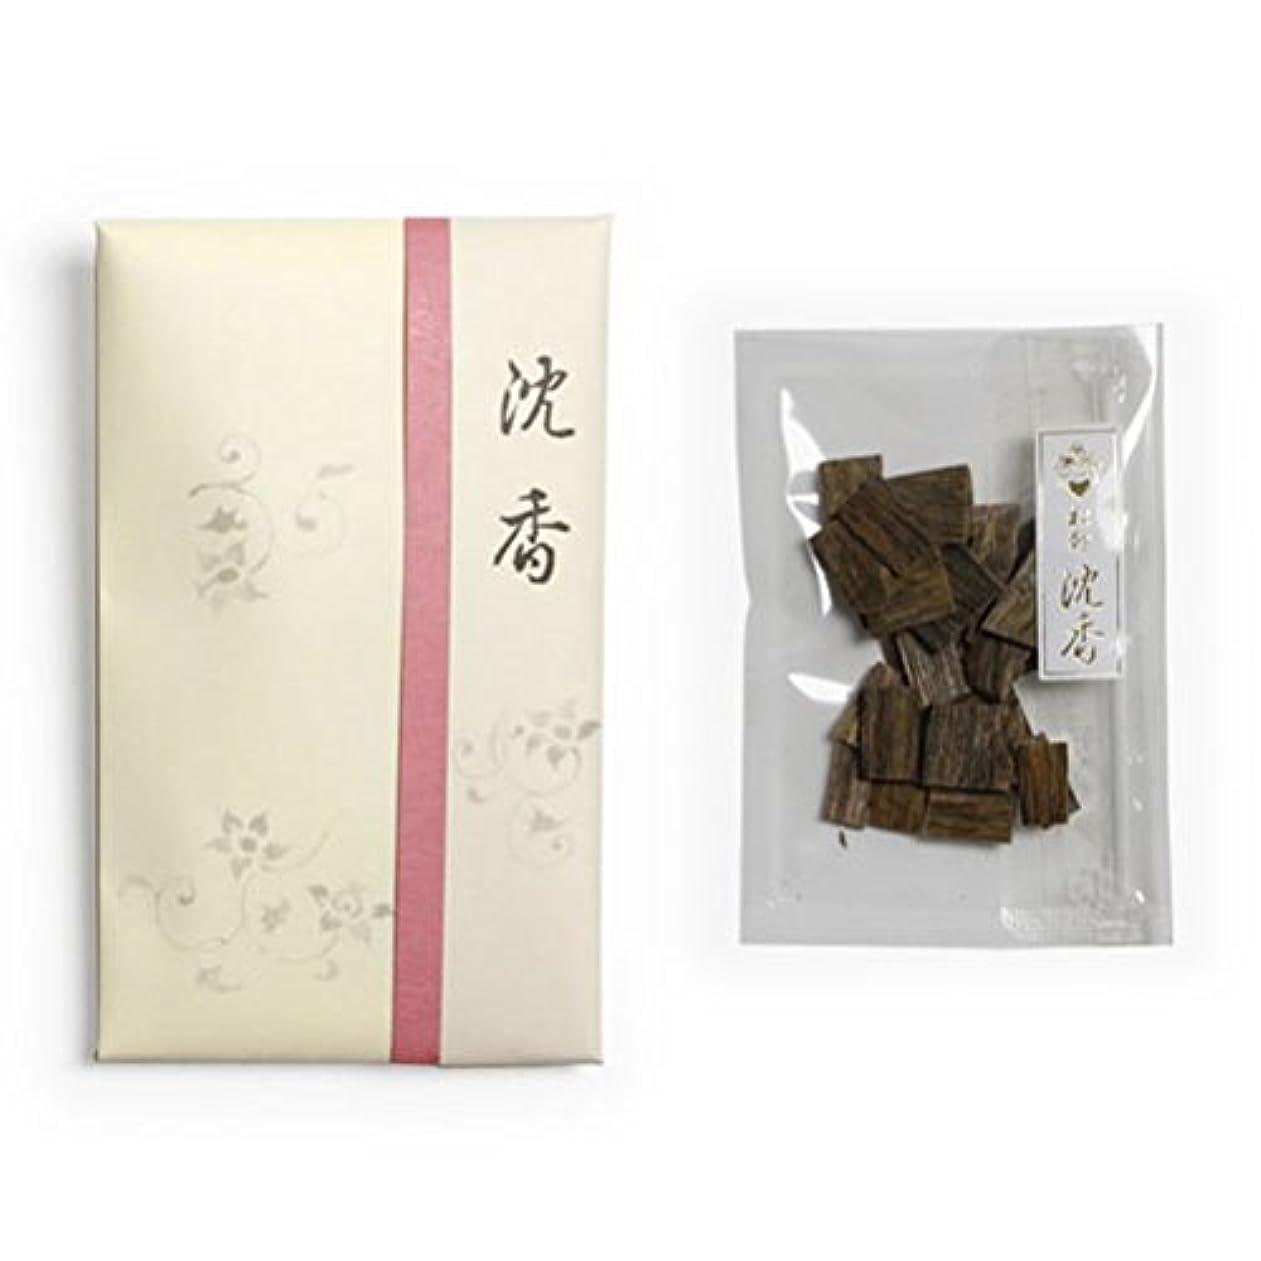 コロニー野ウサギ忠実な香木 松印 沈香 割(わり) 5g詰 松栄堂